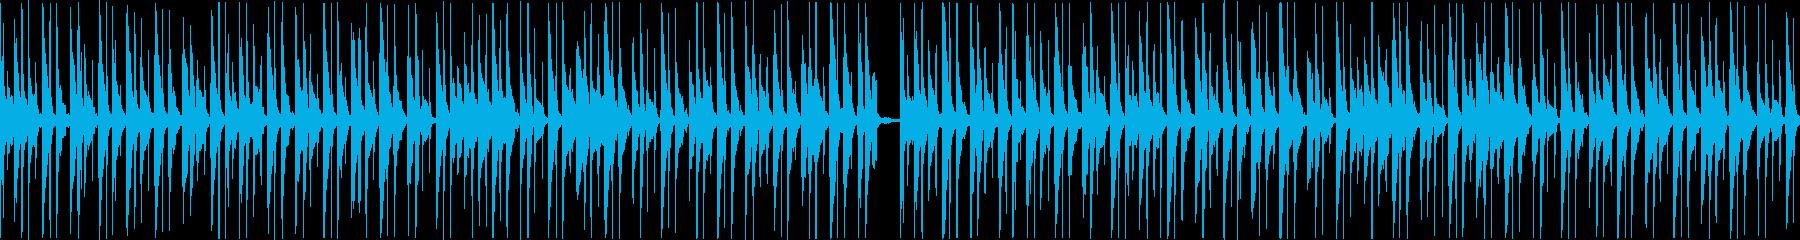 コミカルほのぼの日常系ループBGMの再生済みの波形